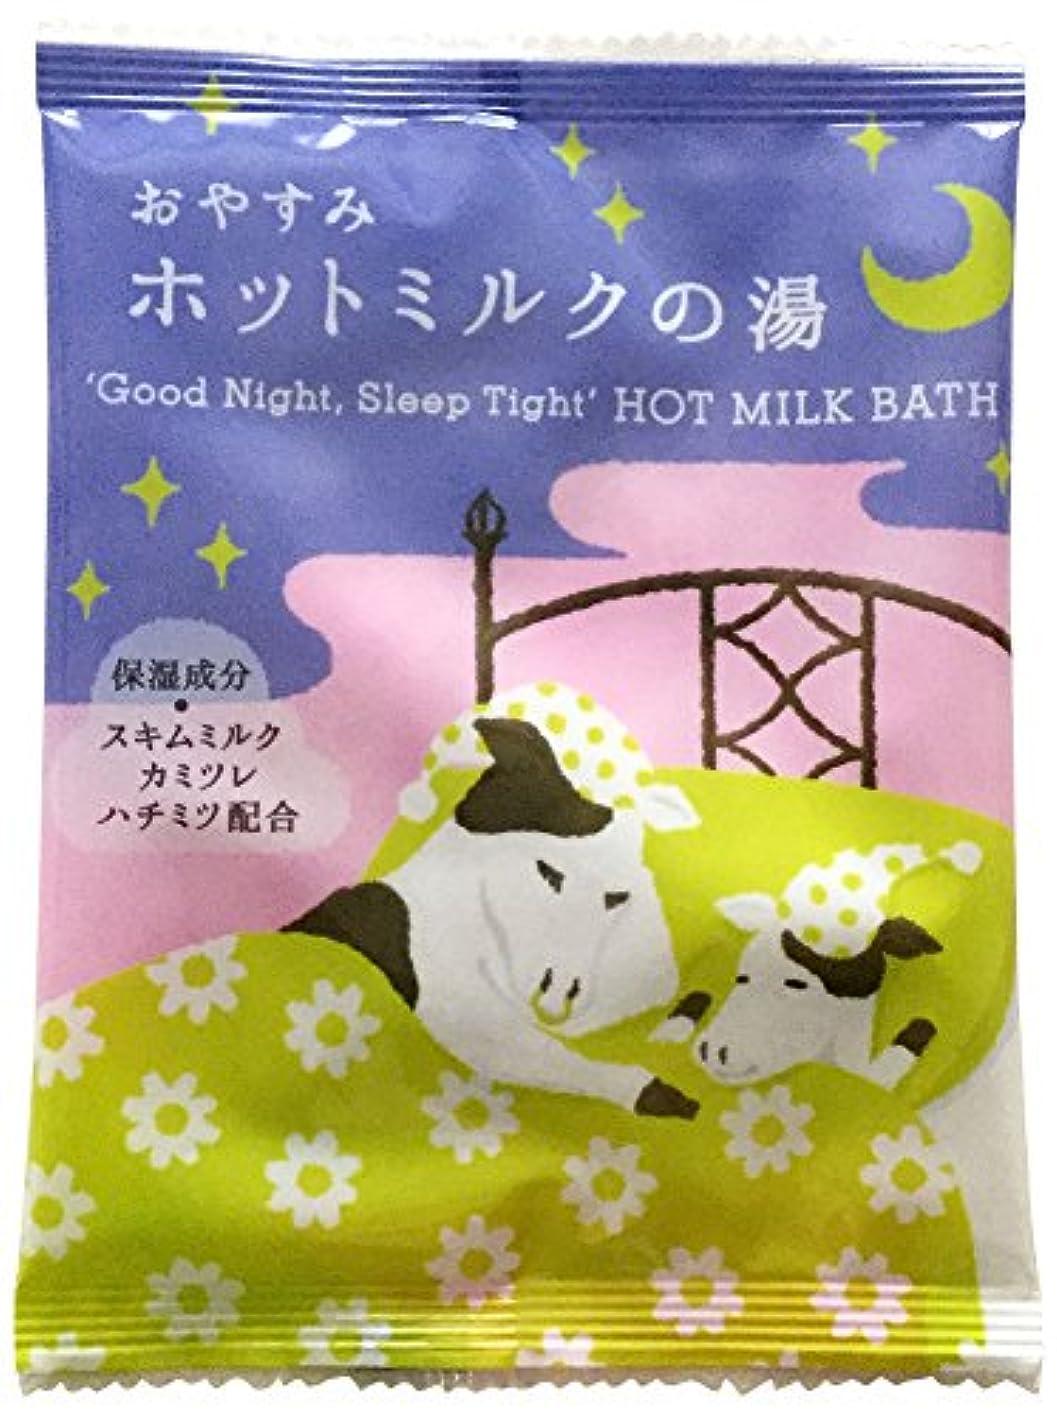 レンダリング与えるホストチャーリー 絵本バスバッグ 入浴剤 日本製 30g 1袋 (BB●ホットミルク(09451))